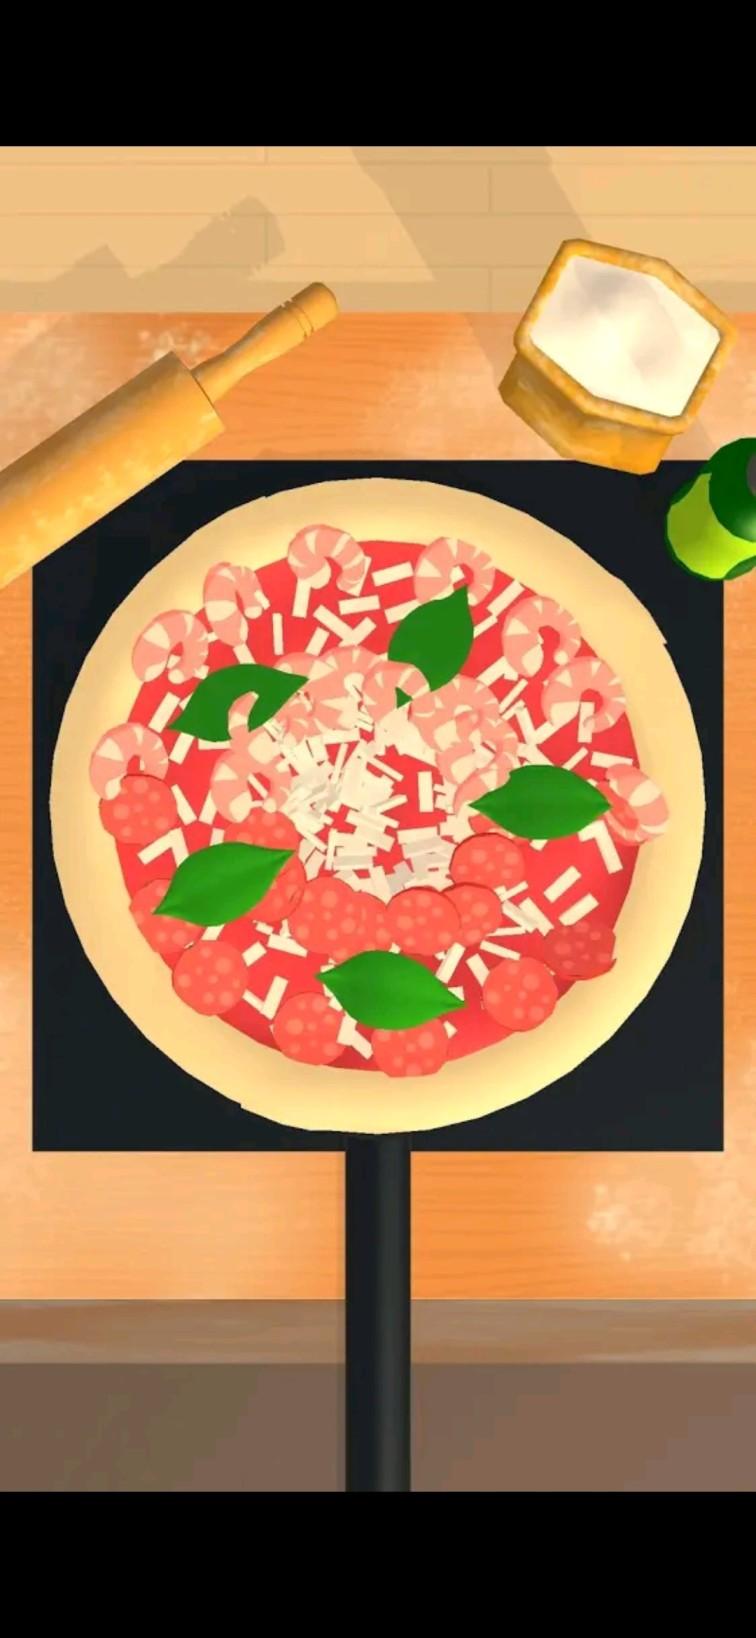 pizzaiolo mod apk download